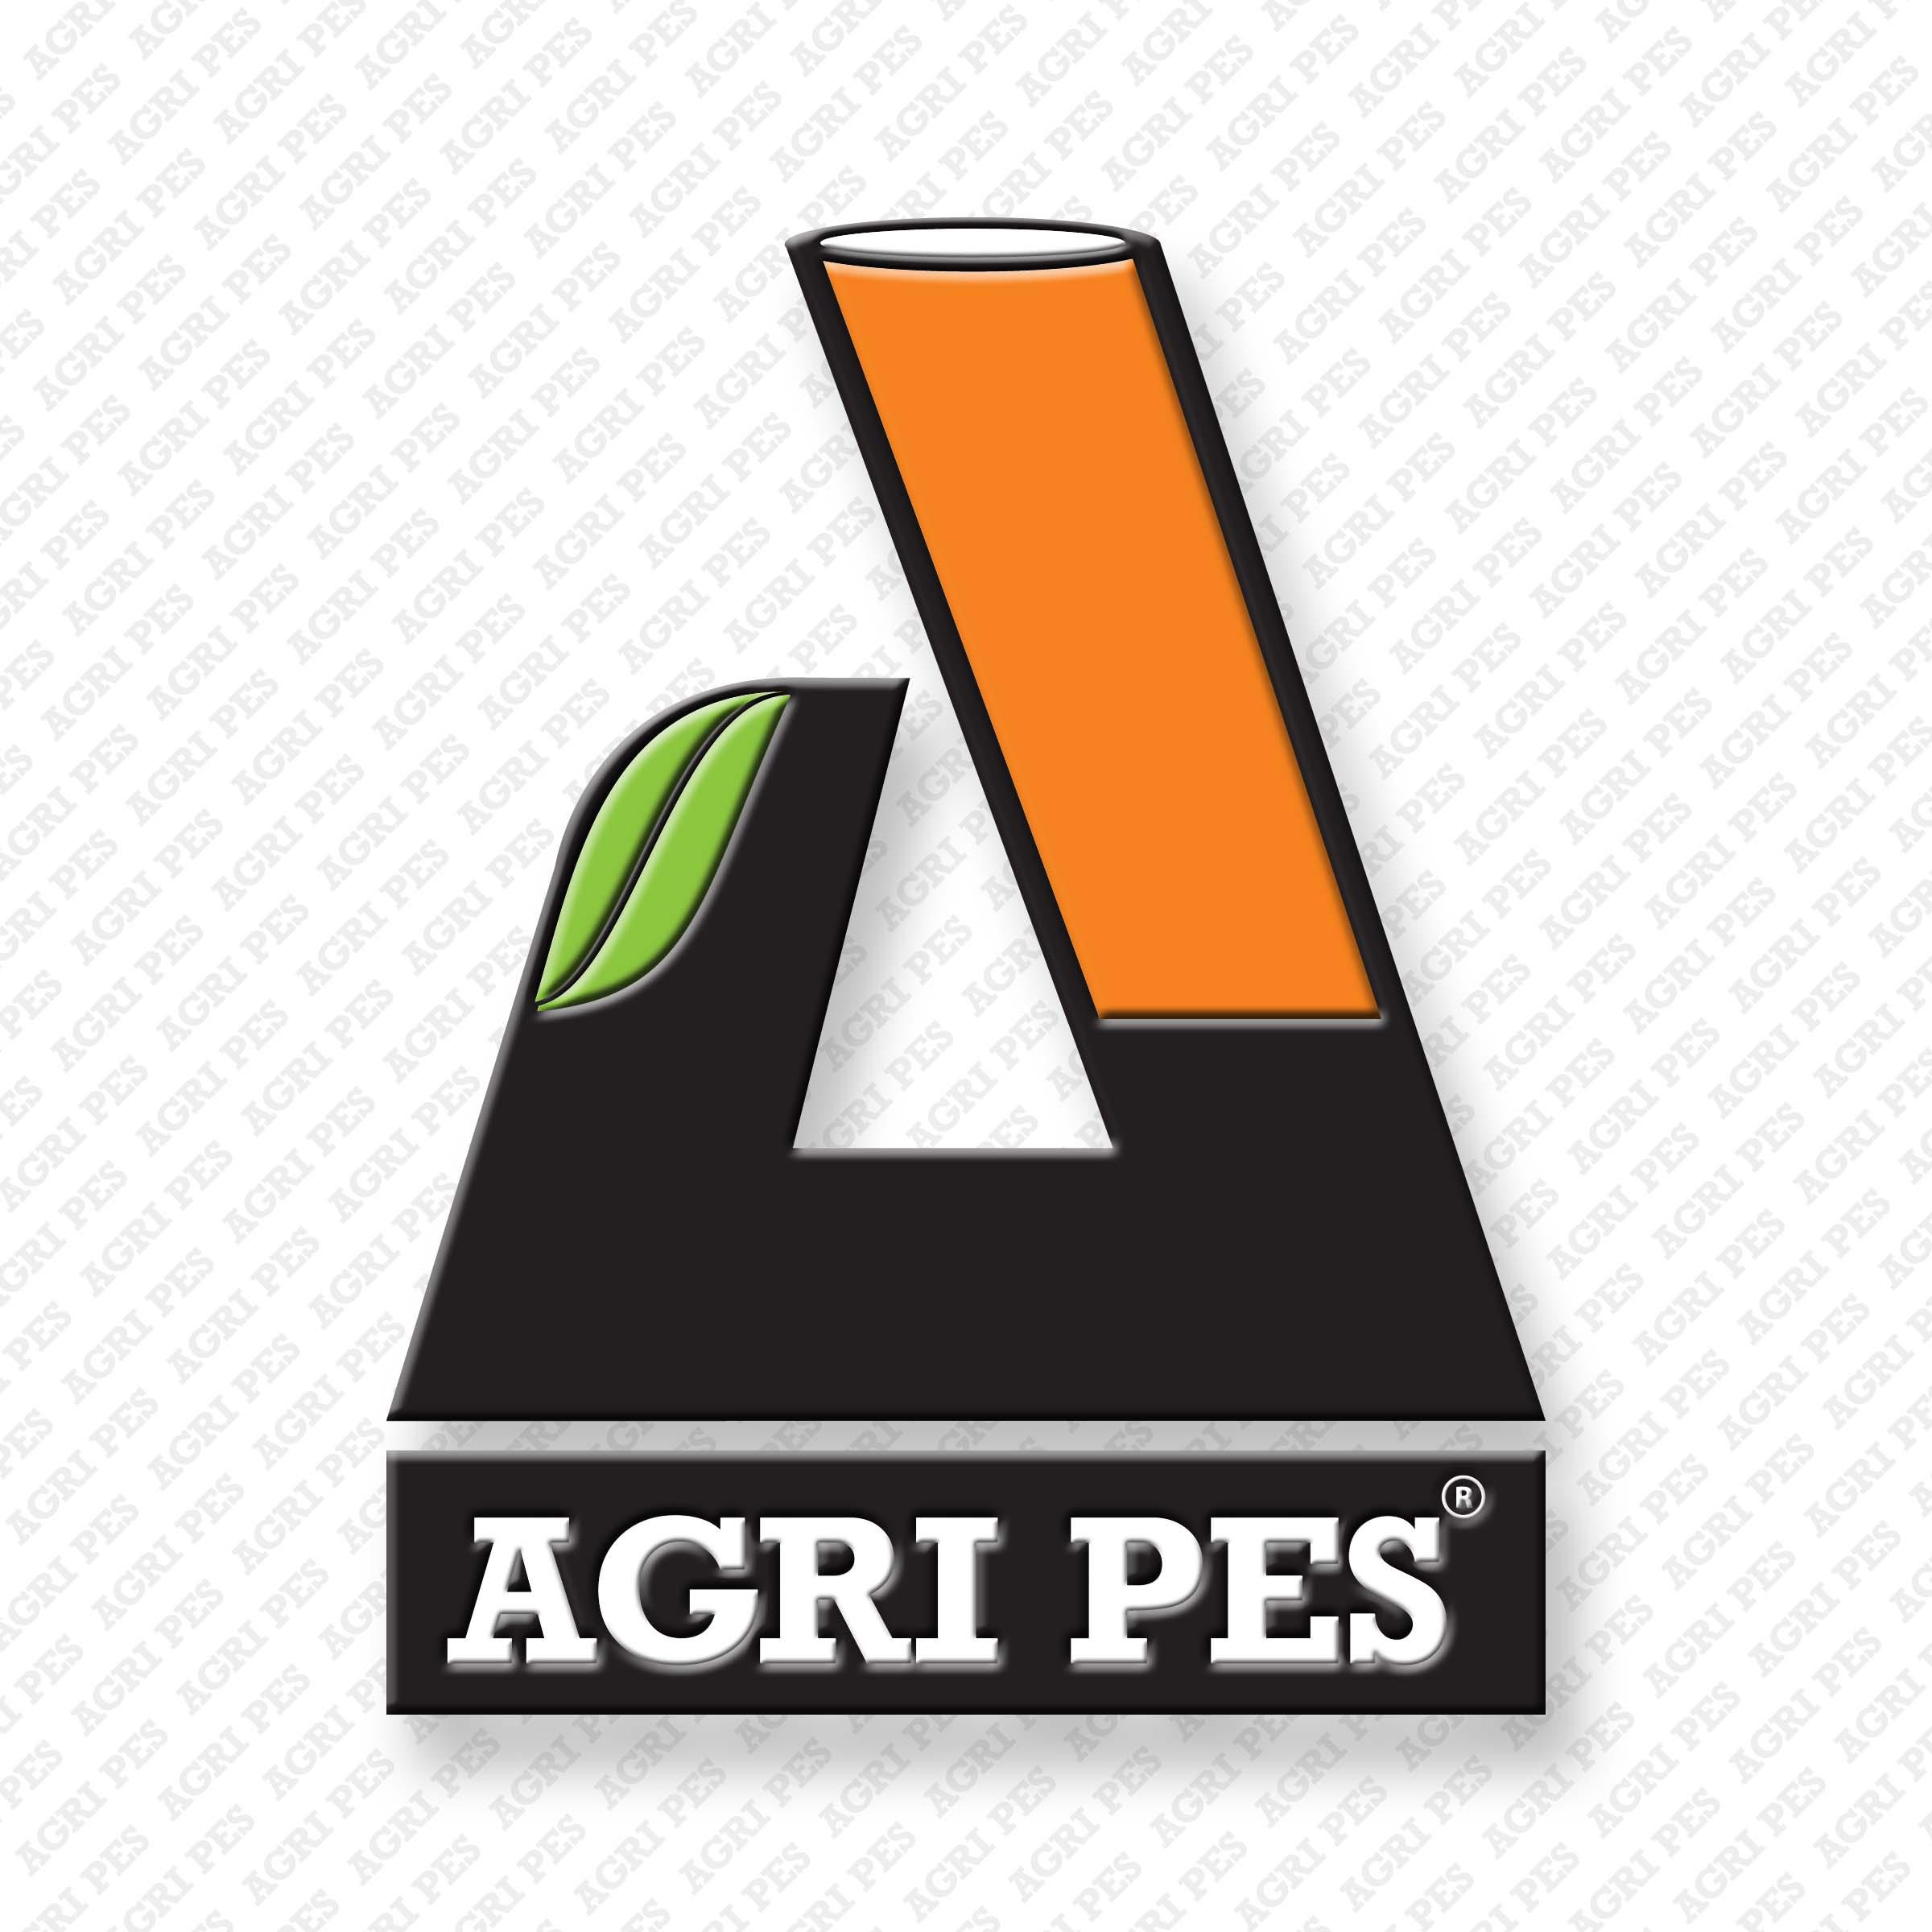 Agri Pes